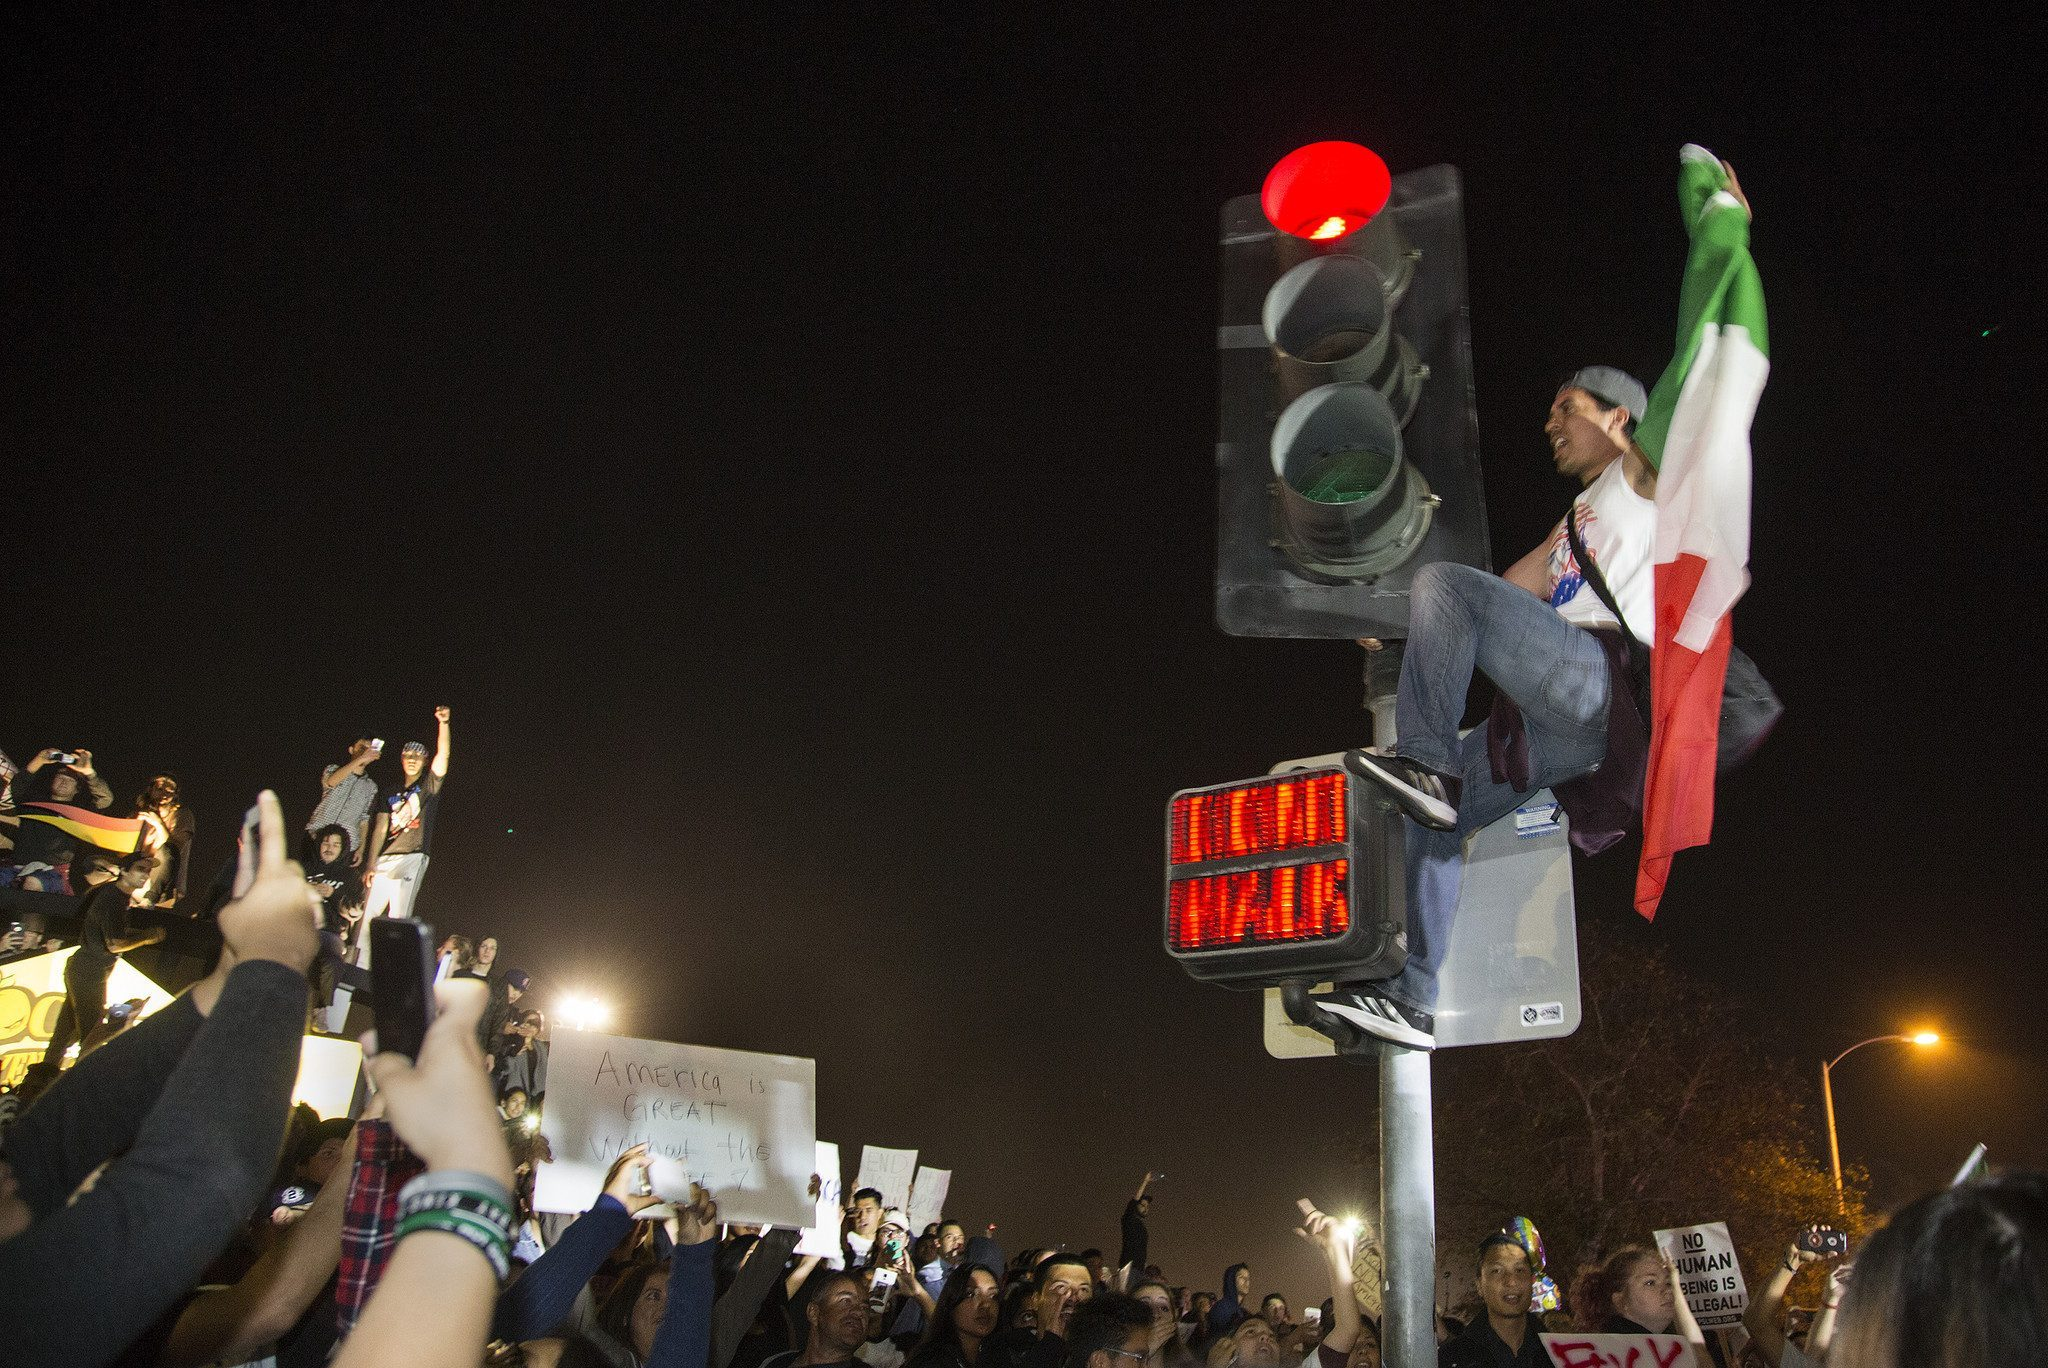 la-me-ln-anti-trump-protests-mexican-flag-20160429